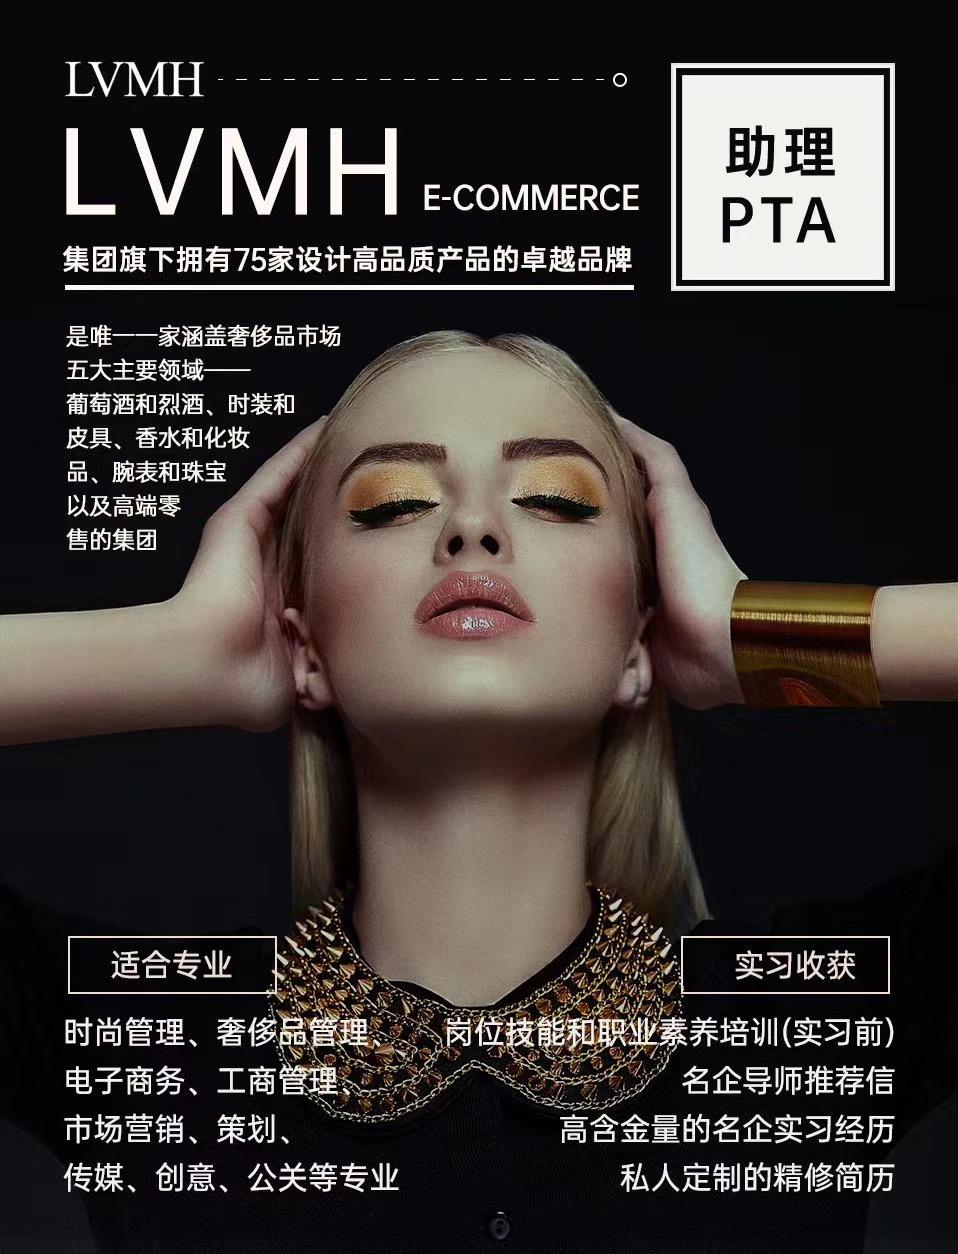 广州品牌服装设计背景提升班